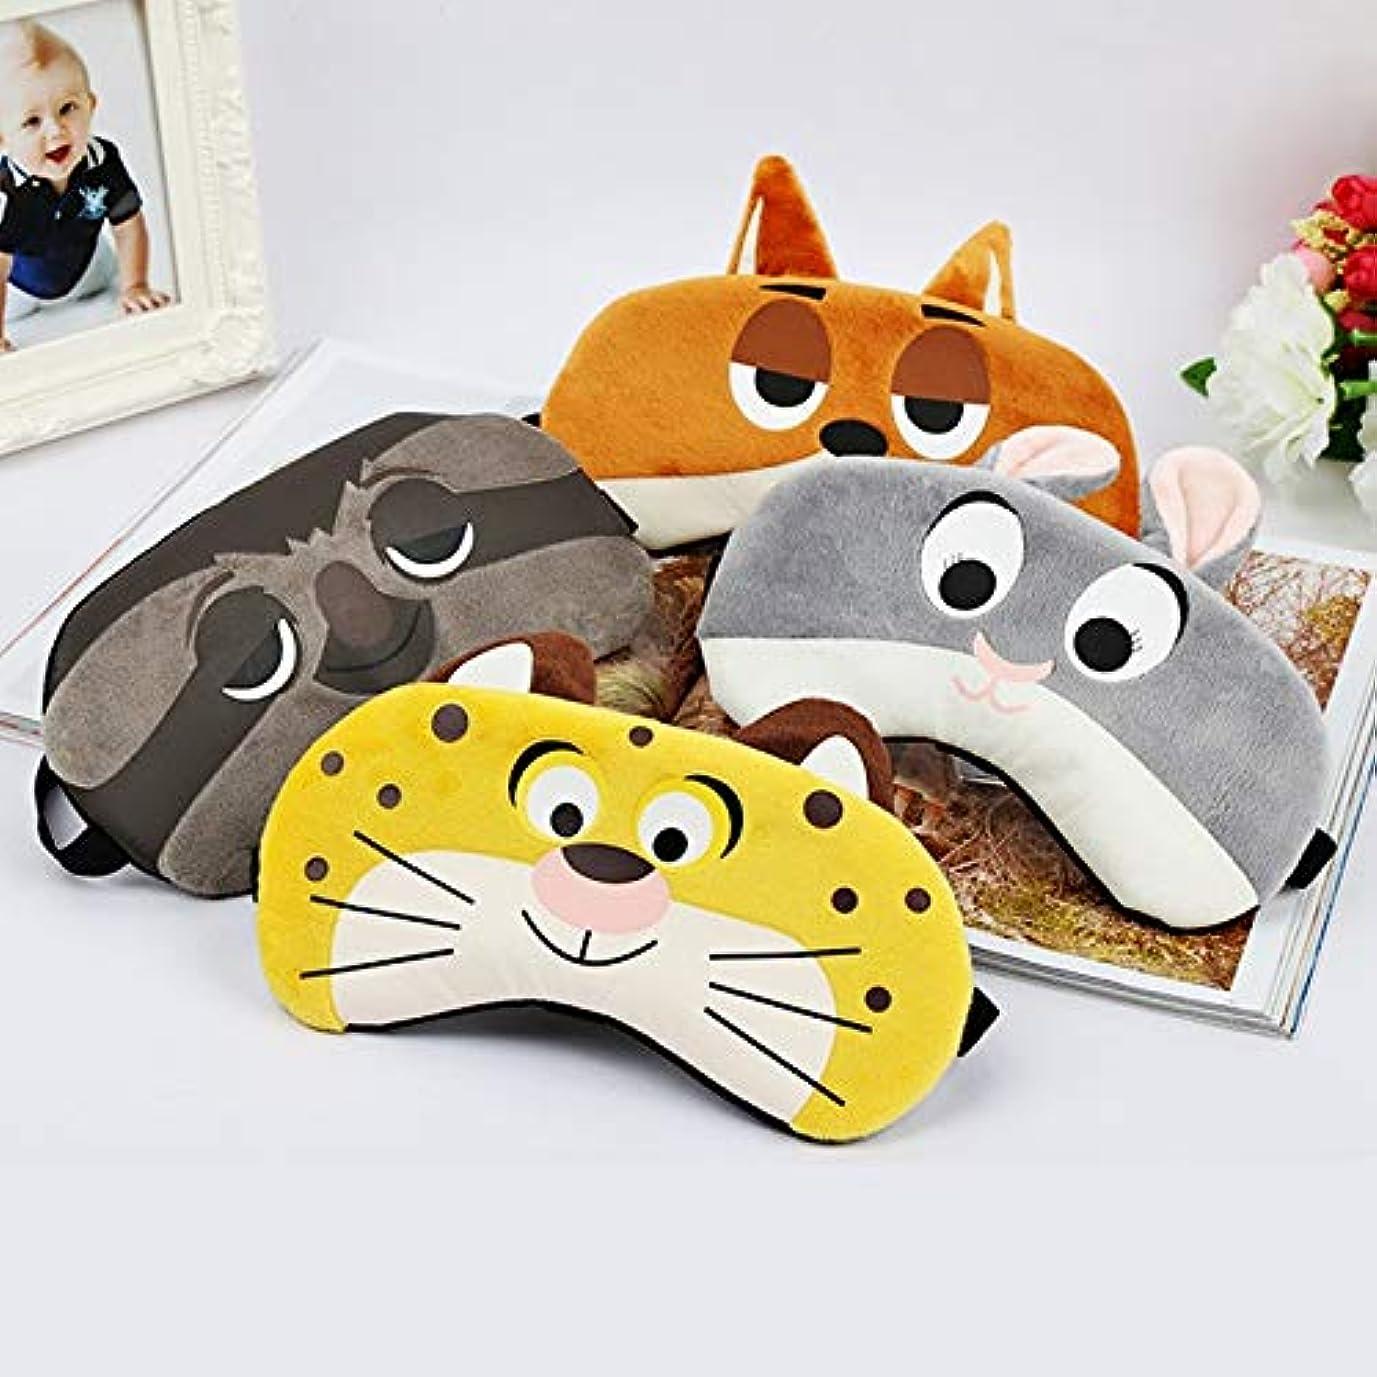 中央感染するトロイの木馬メモホットコンプレックス/アイススリープマスクアイマスクアイマスクかわいいバニー/タイガー/キツネ/ナマケモノ睡眠のための目隠し